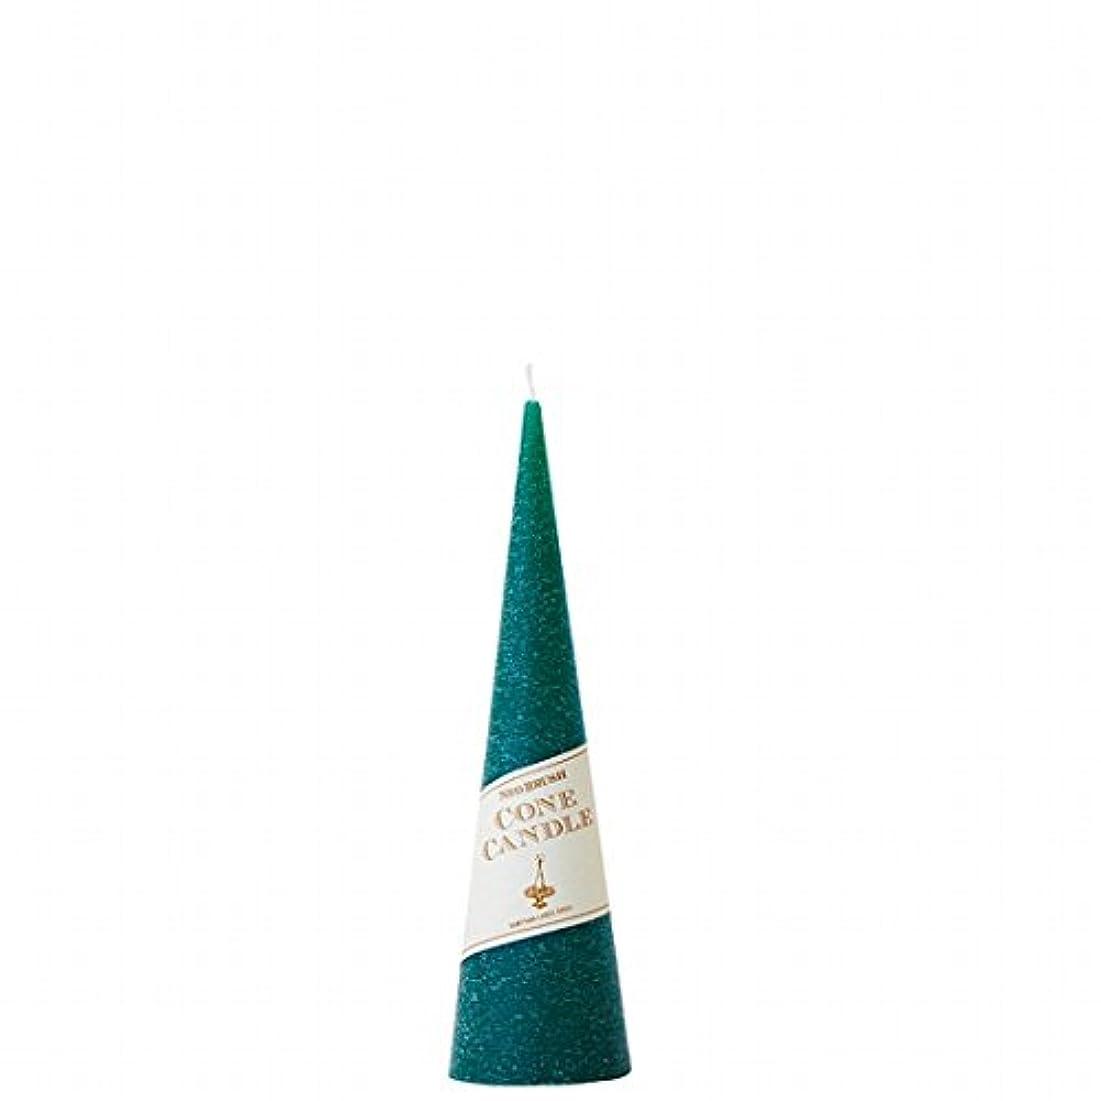 並外れてジョージバーナード宇宙kameyama candle(カメヤマキャンドル) ネオブラッシュコーン 180 キャンドル 「 グリーン 」(A9750010G)